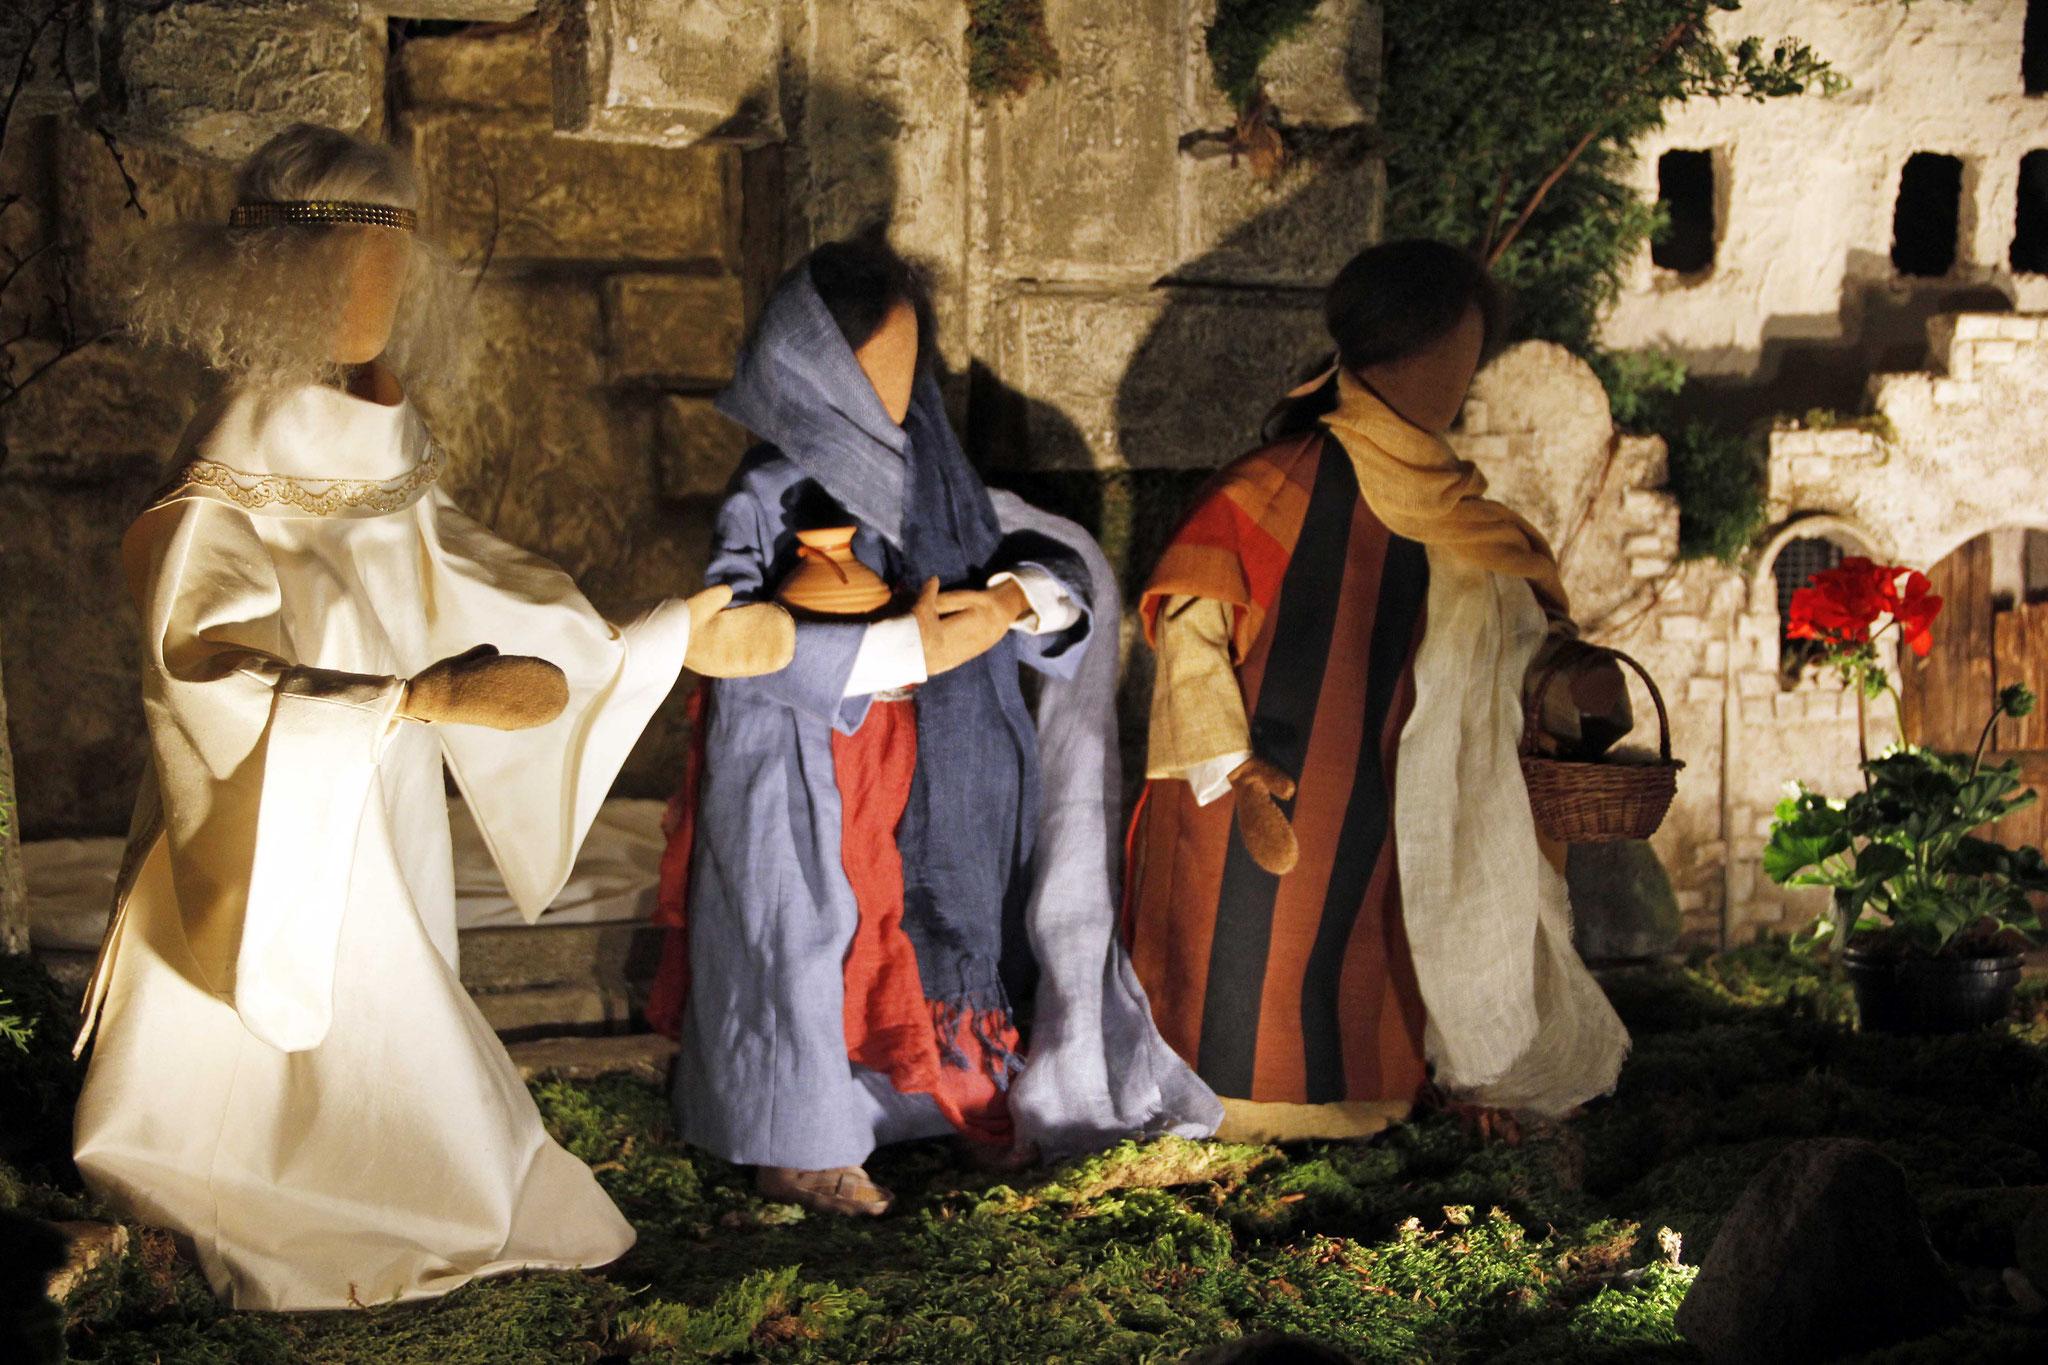 Dann geht schnell zu seinen Jüngern und sagt ihnen: Er ist von den Toten auferstanden. Er geht euch voraus nach Galiläa, dort werdet ihr ihn sehen.